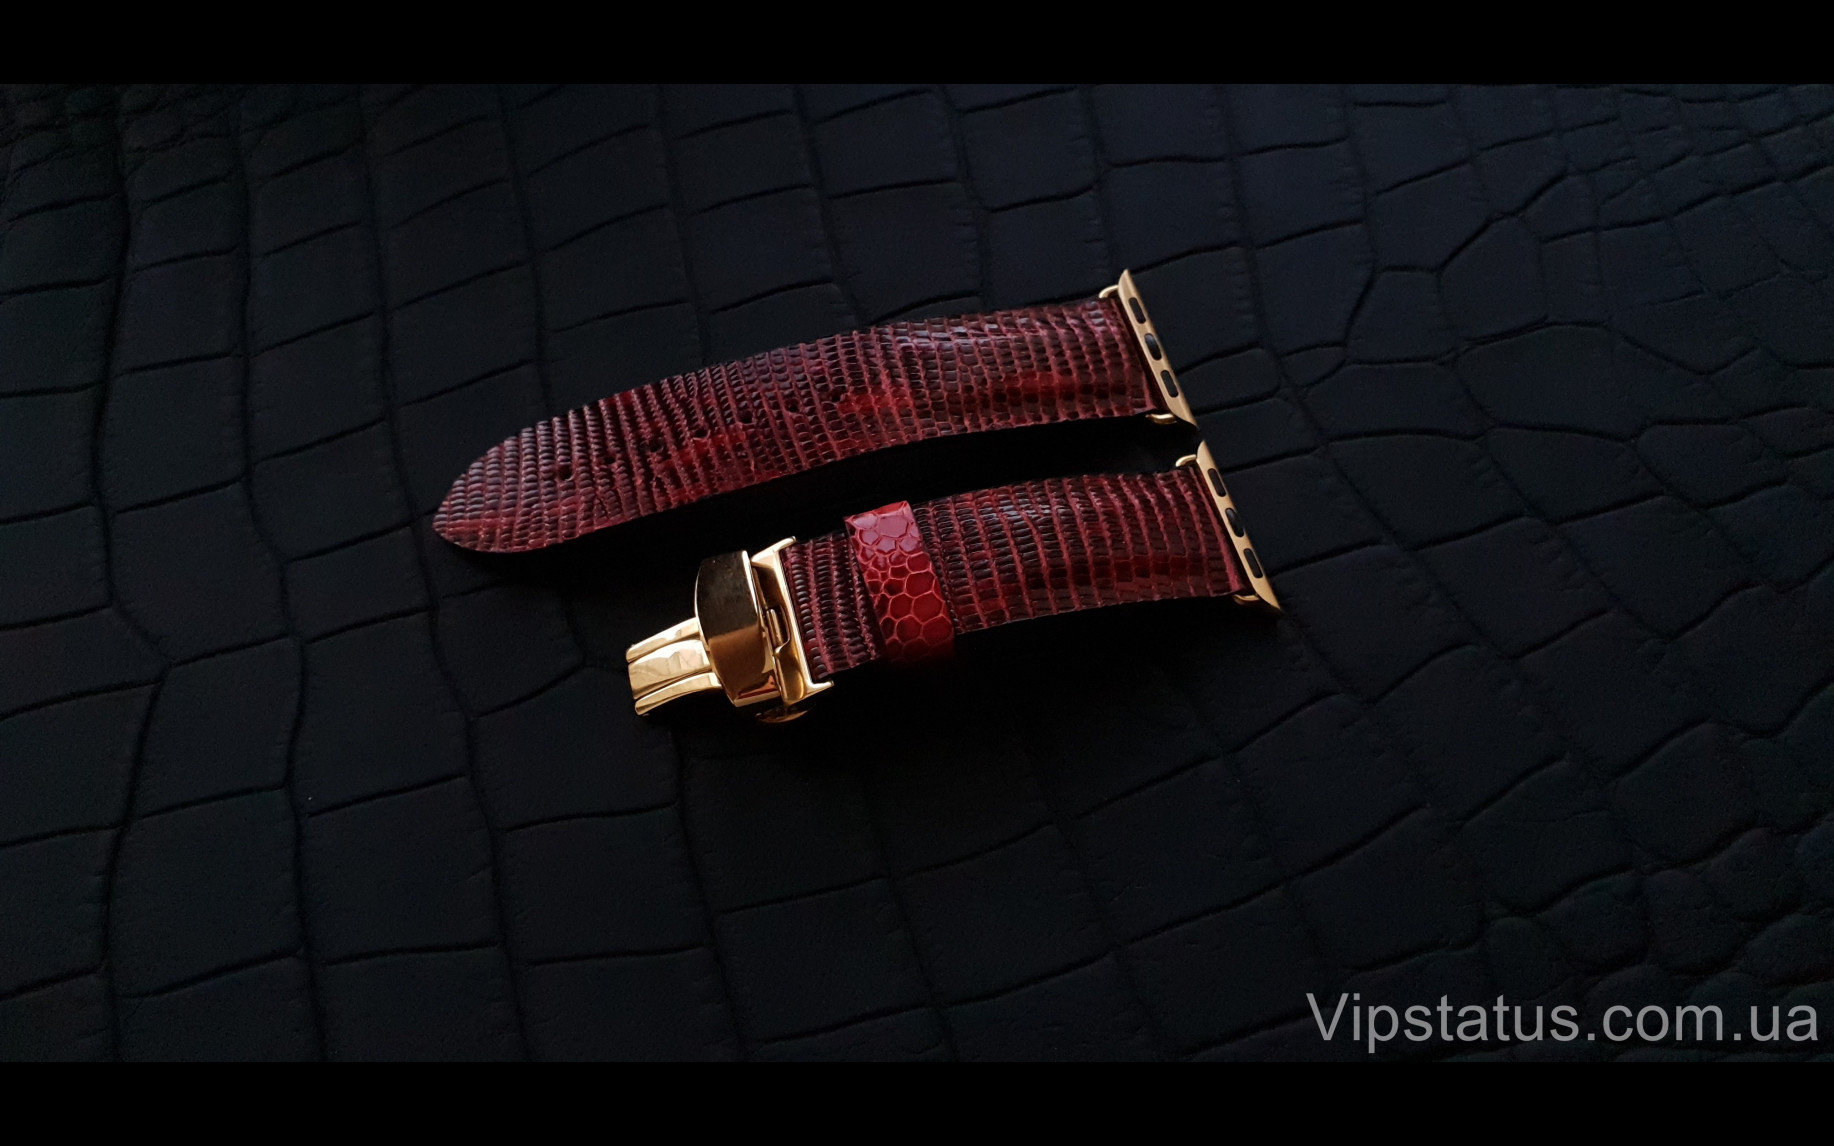 Элитный Эксклюзивный ремешок для часов Apple кожа игуаны Эксклюзивный ремешок для часов Apple кожа игуаны изображение 1